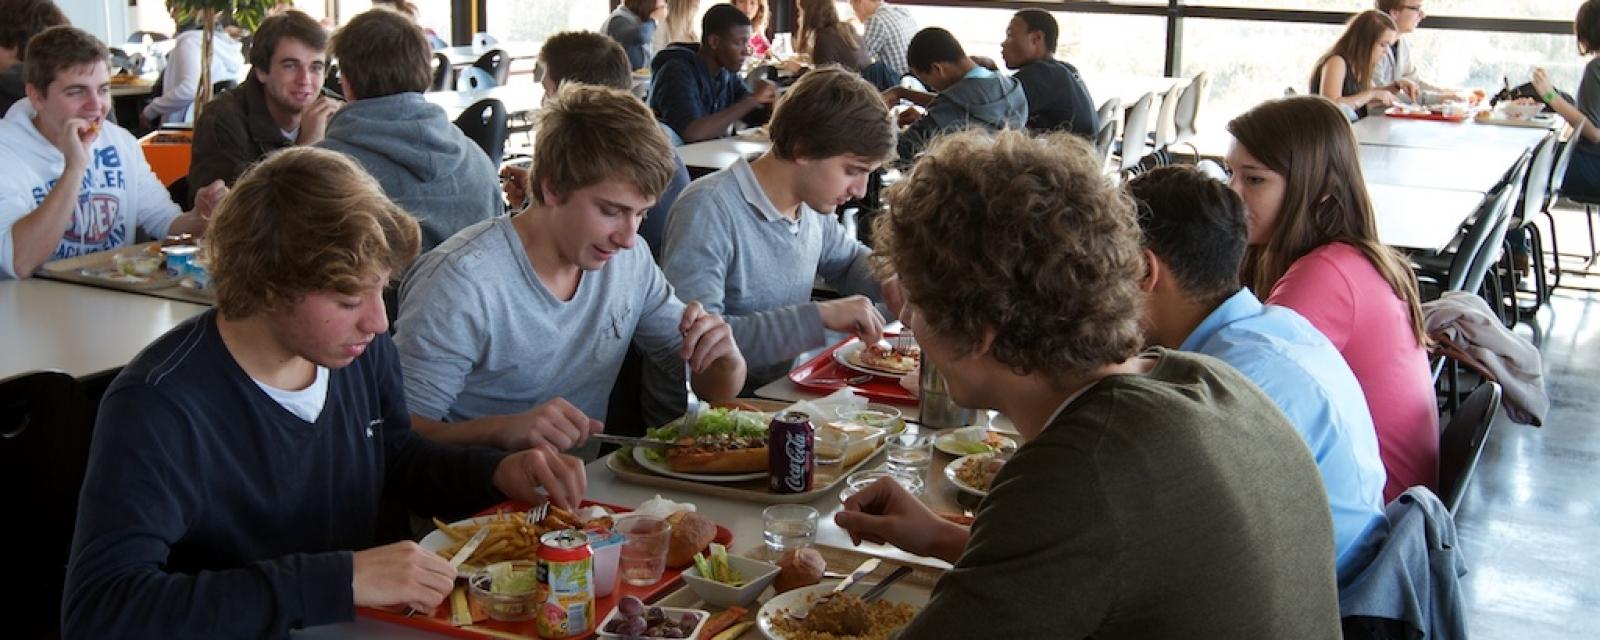 Services pour les étudiants en situation de handicap la rochelle